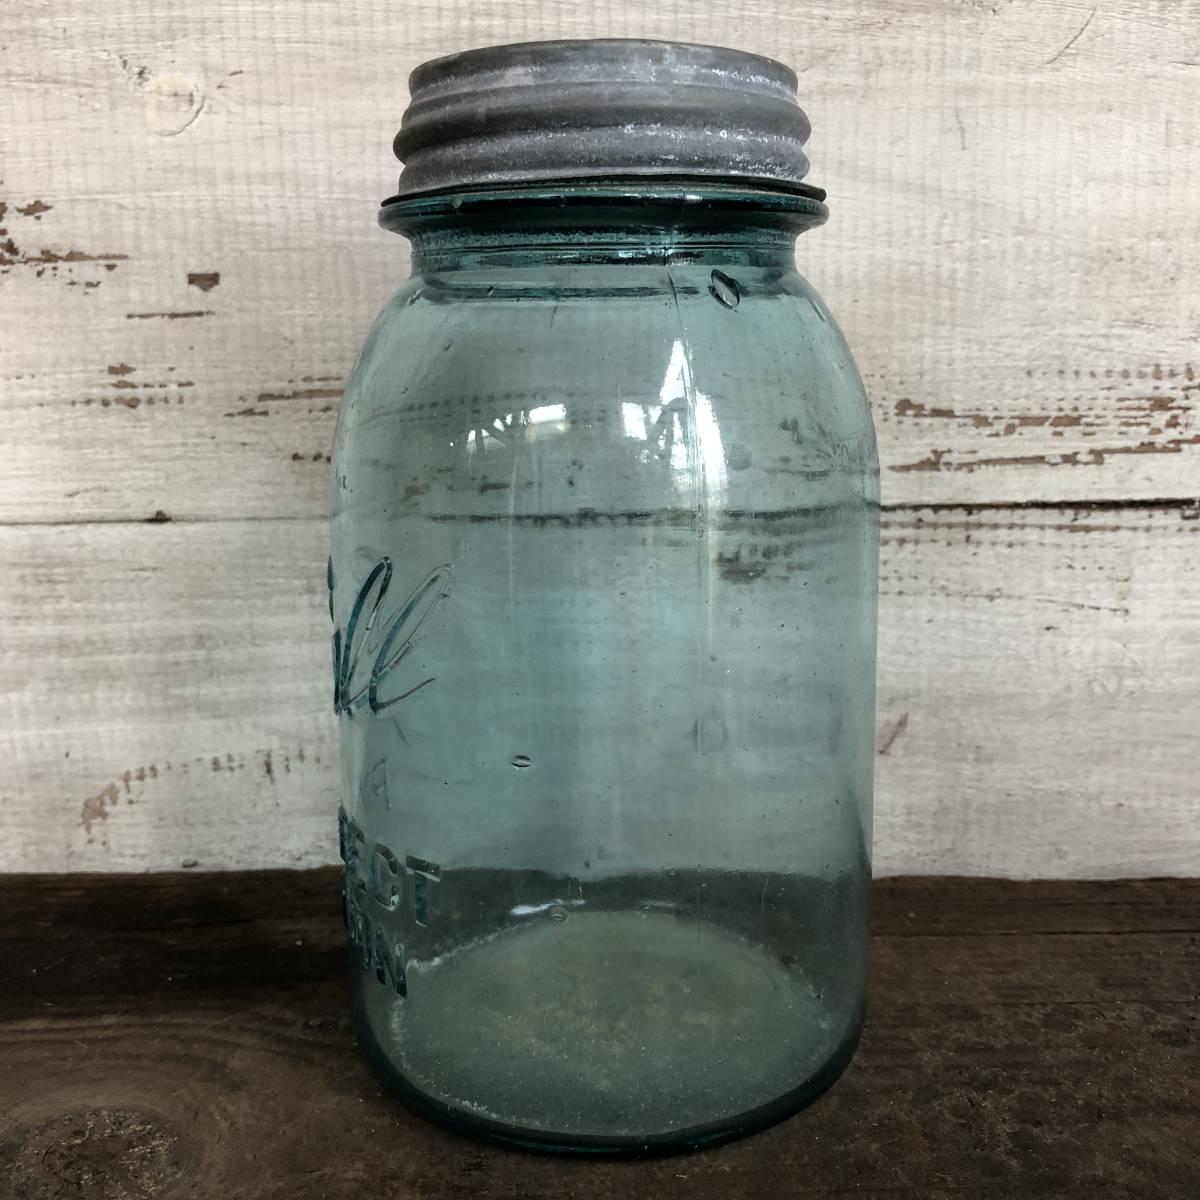 即決⑤ 1930's ball 17.5cm ヴィンテージ メイソンジャー ガラス瓶 キッチン カフェ ガーデニング ジャンク シャビー 雑貨 小物 収納_画像2